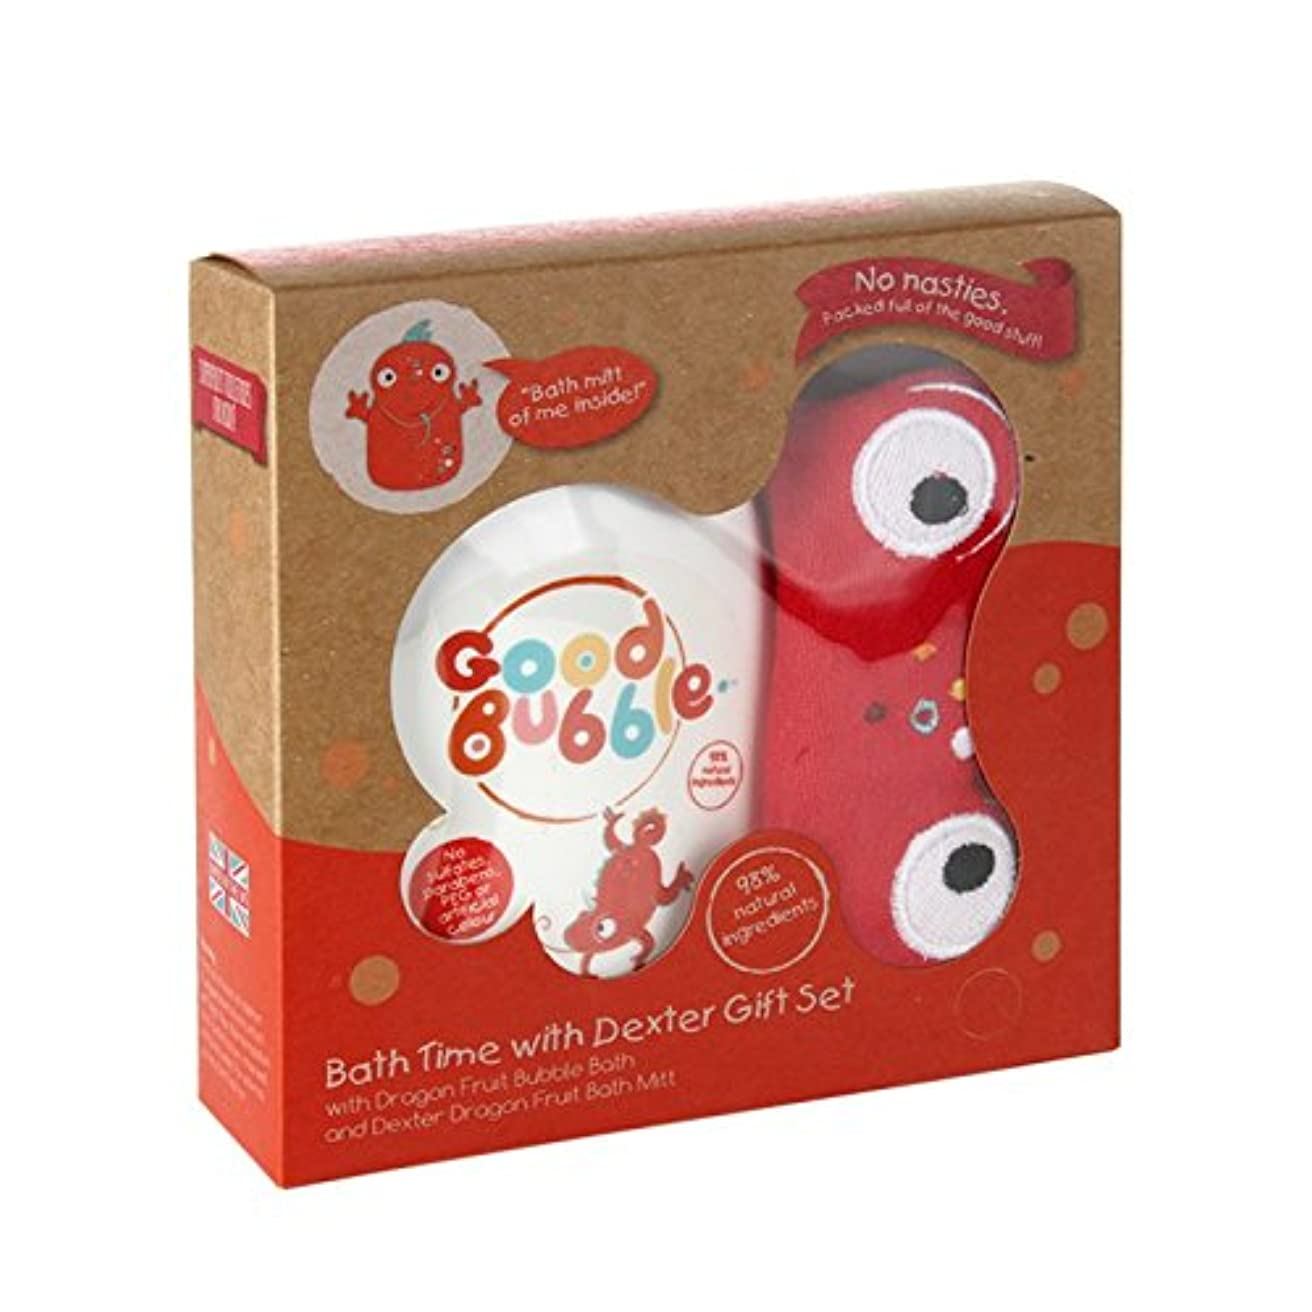 犯人屈辱する焦げGood Bubble Dexter Dragonfruit Gift Set 550g (Pack of 6) - 良いバブルデクスターDragonfruitギフトセット550グラム (x6) [並行輸入品]